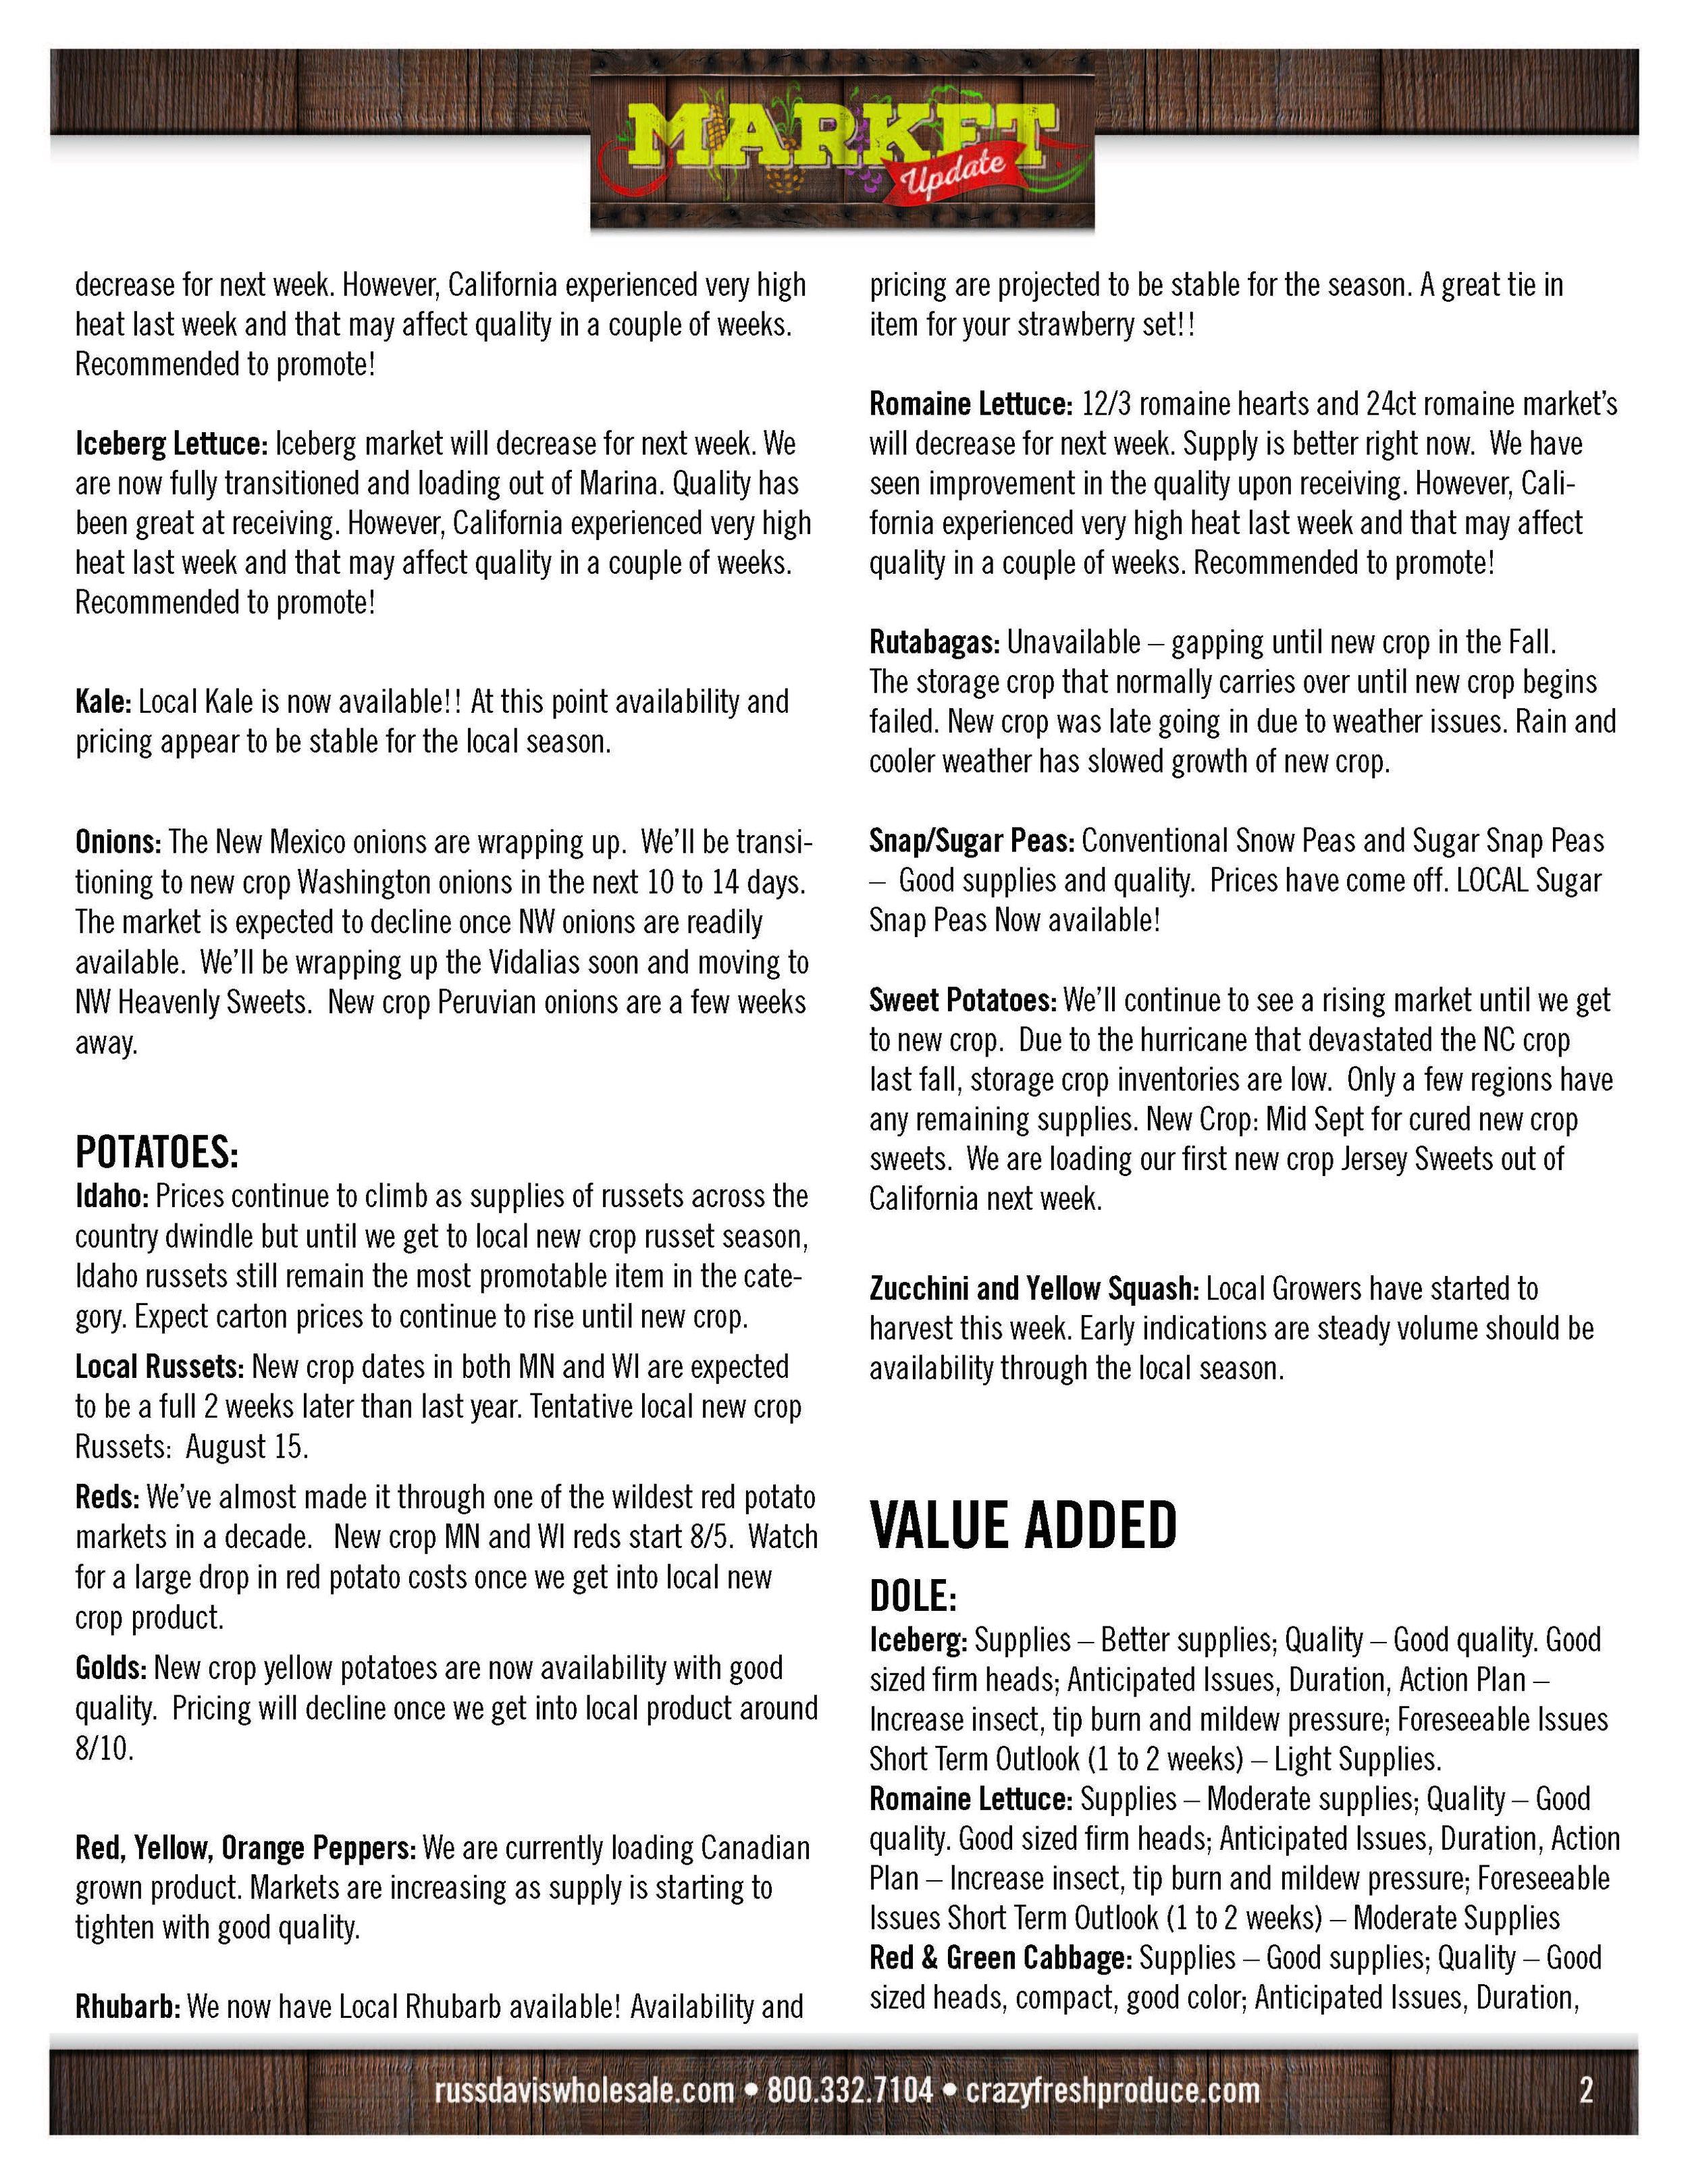 RDW_Market_Update_Aug1_19_Page_2.jpg